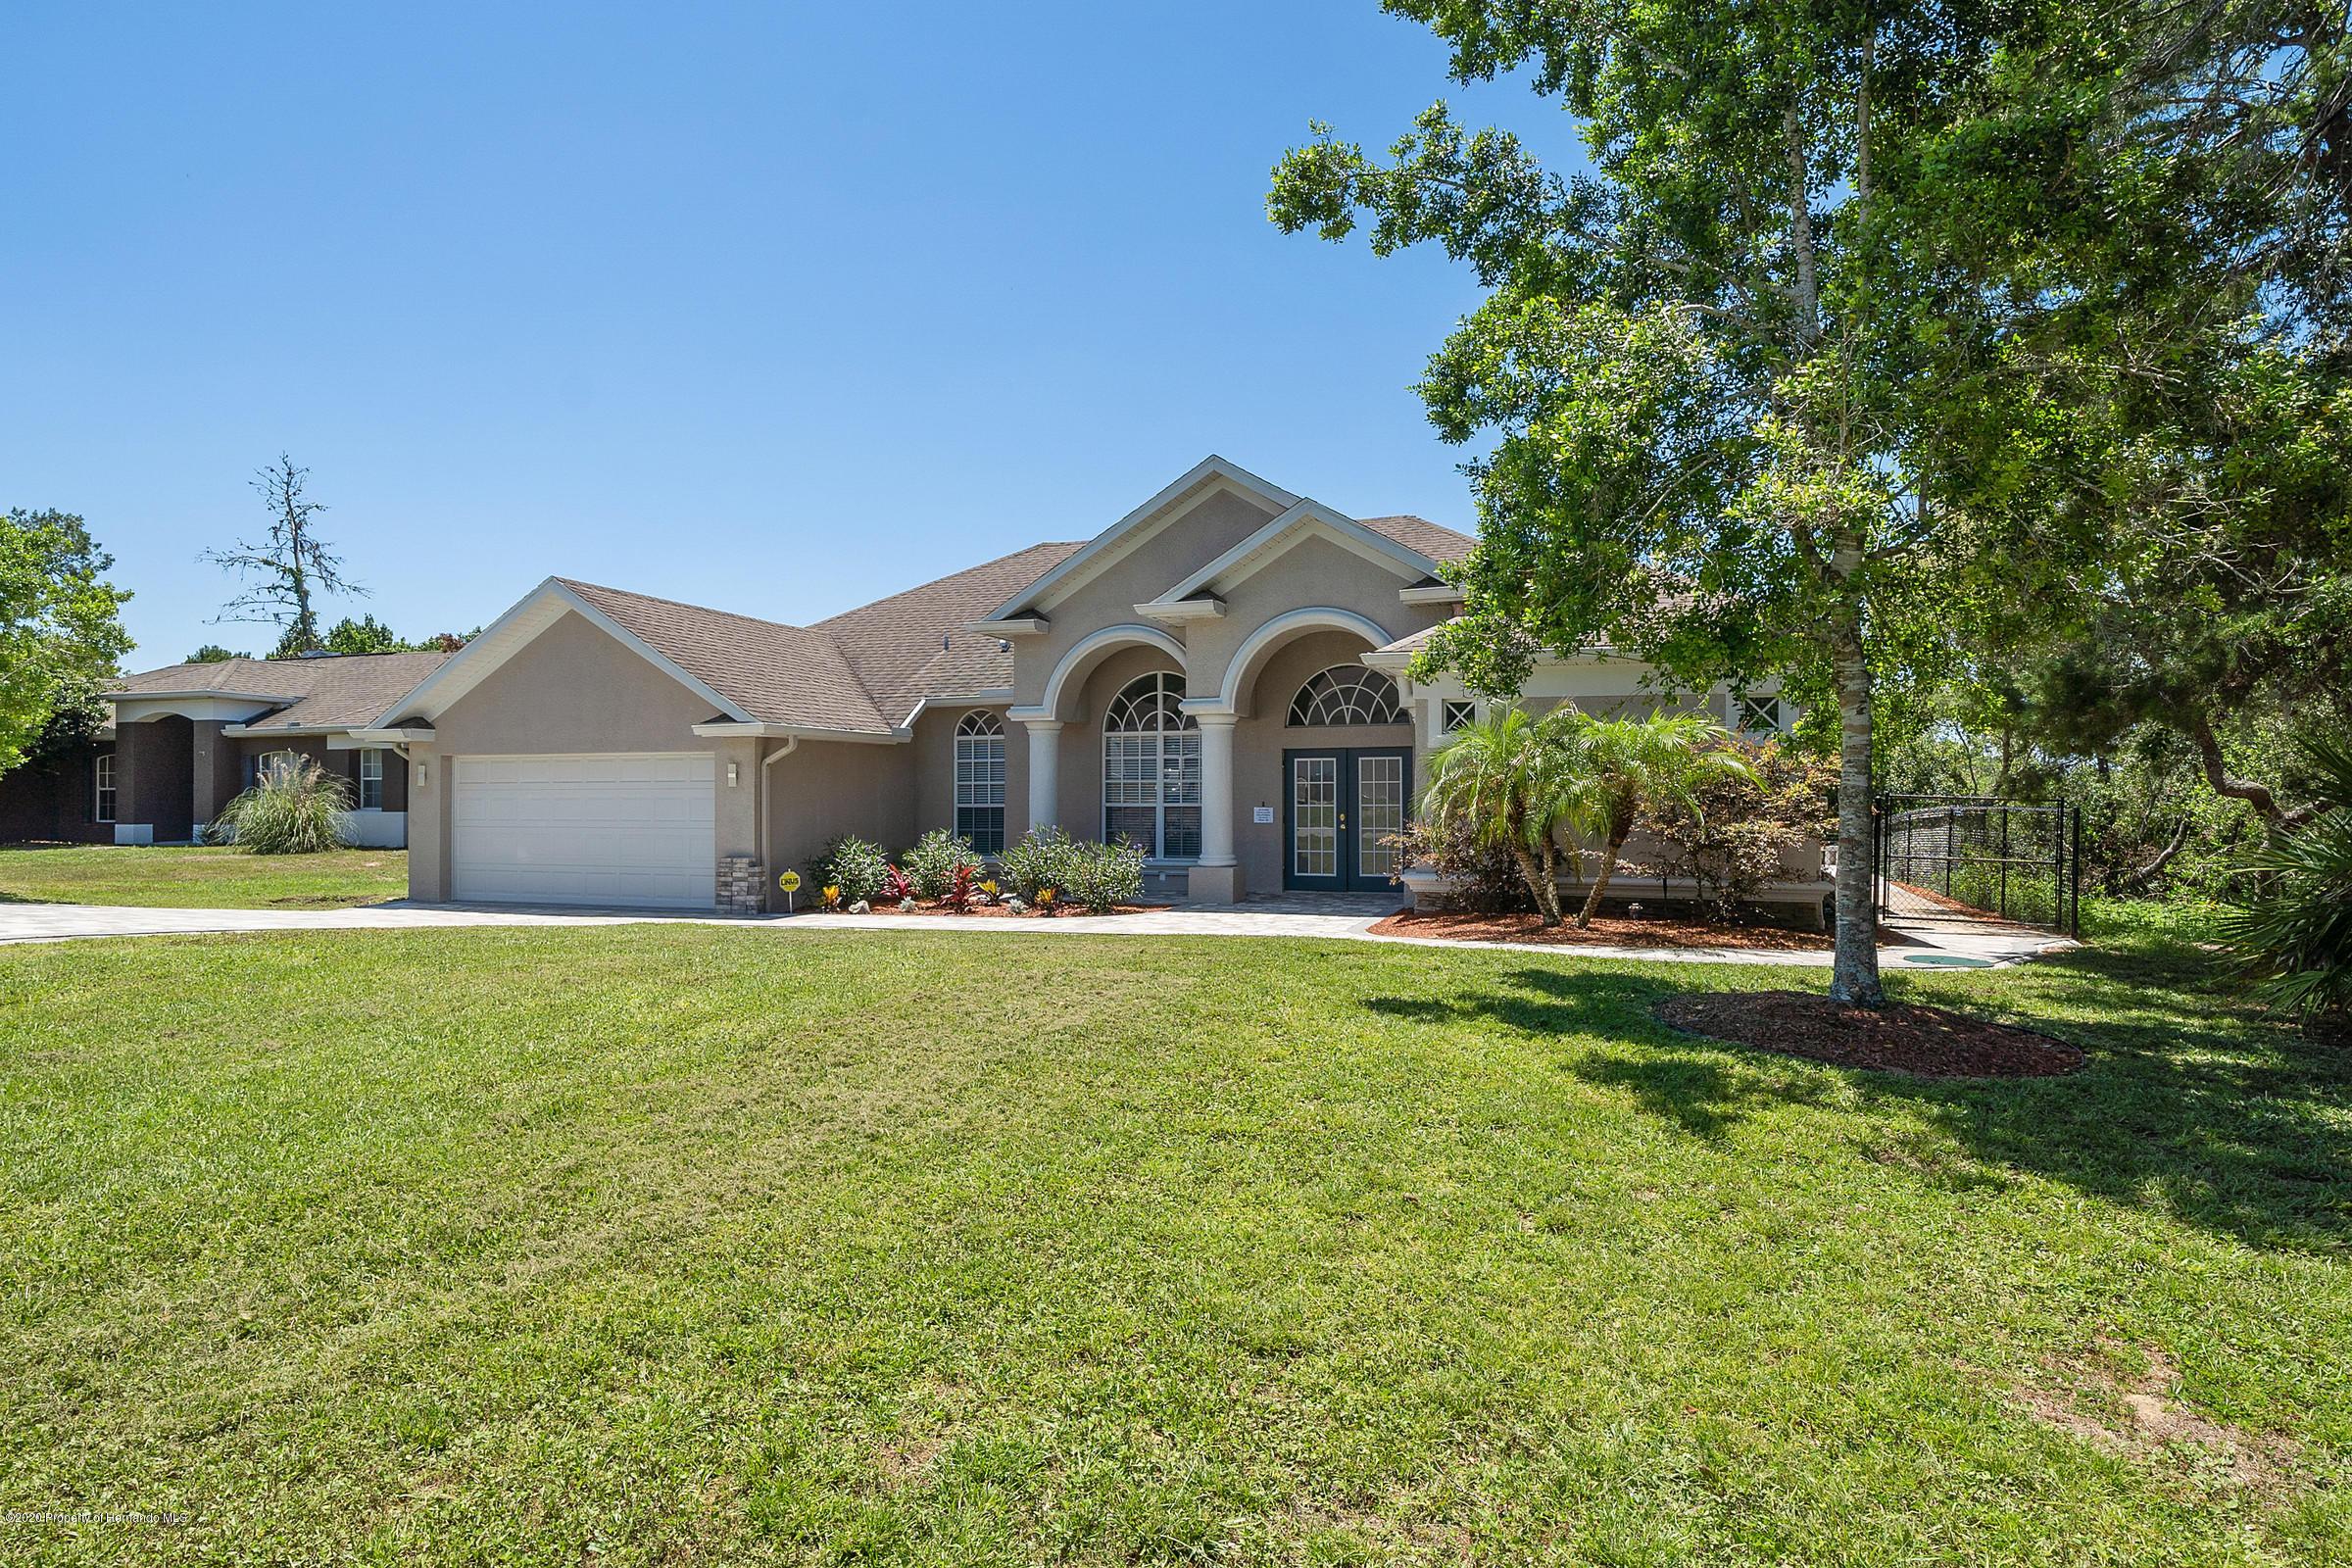 12416 Penton Street, Spring Hill, FL 34608